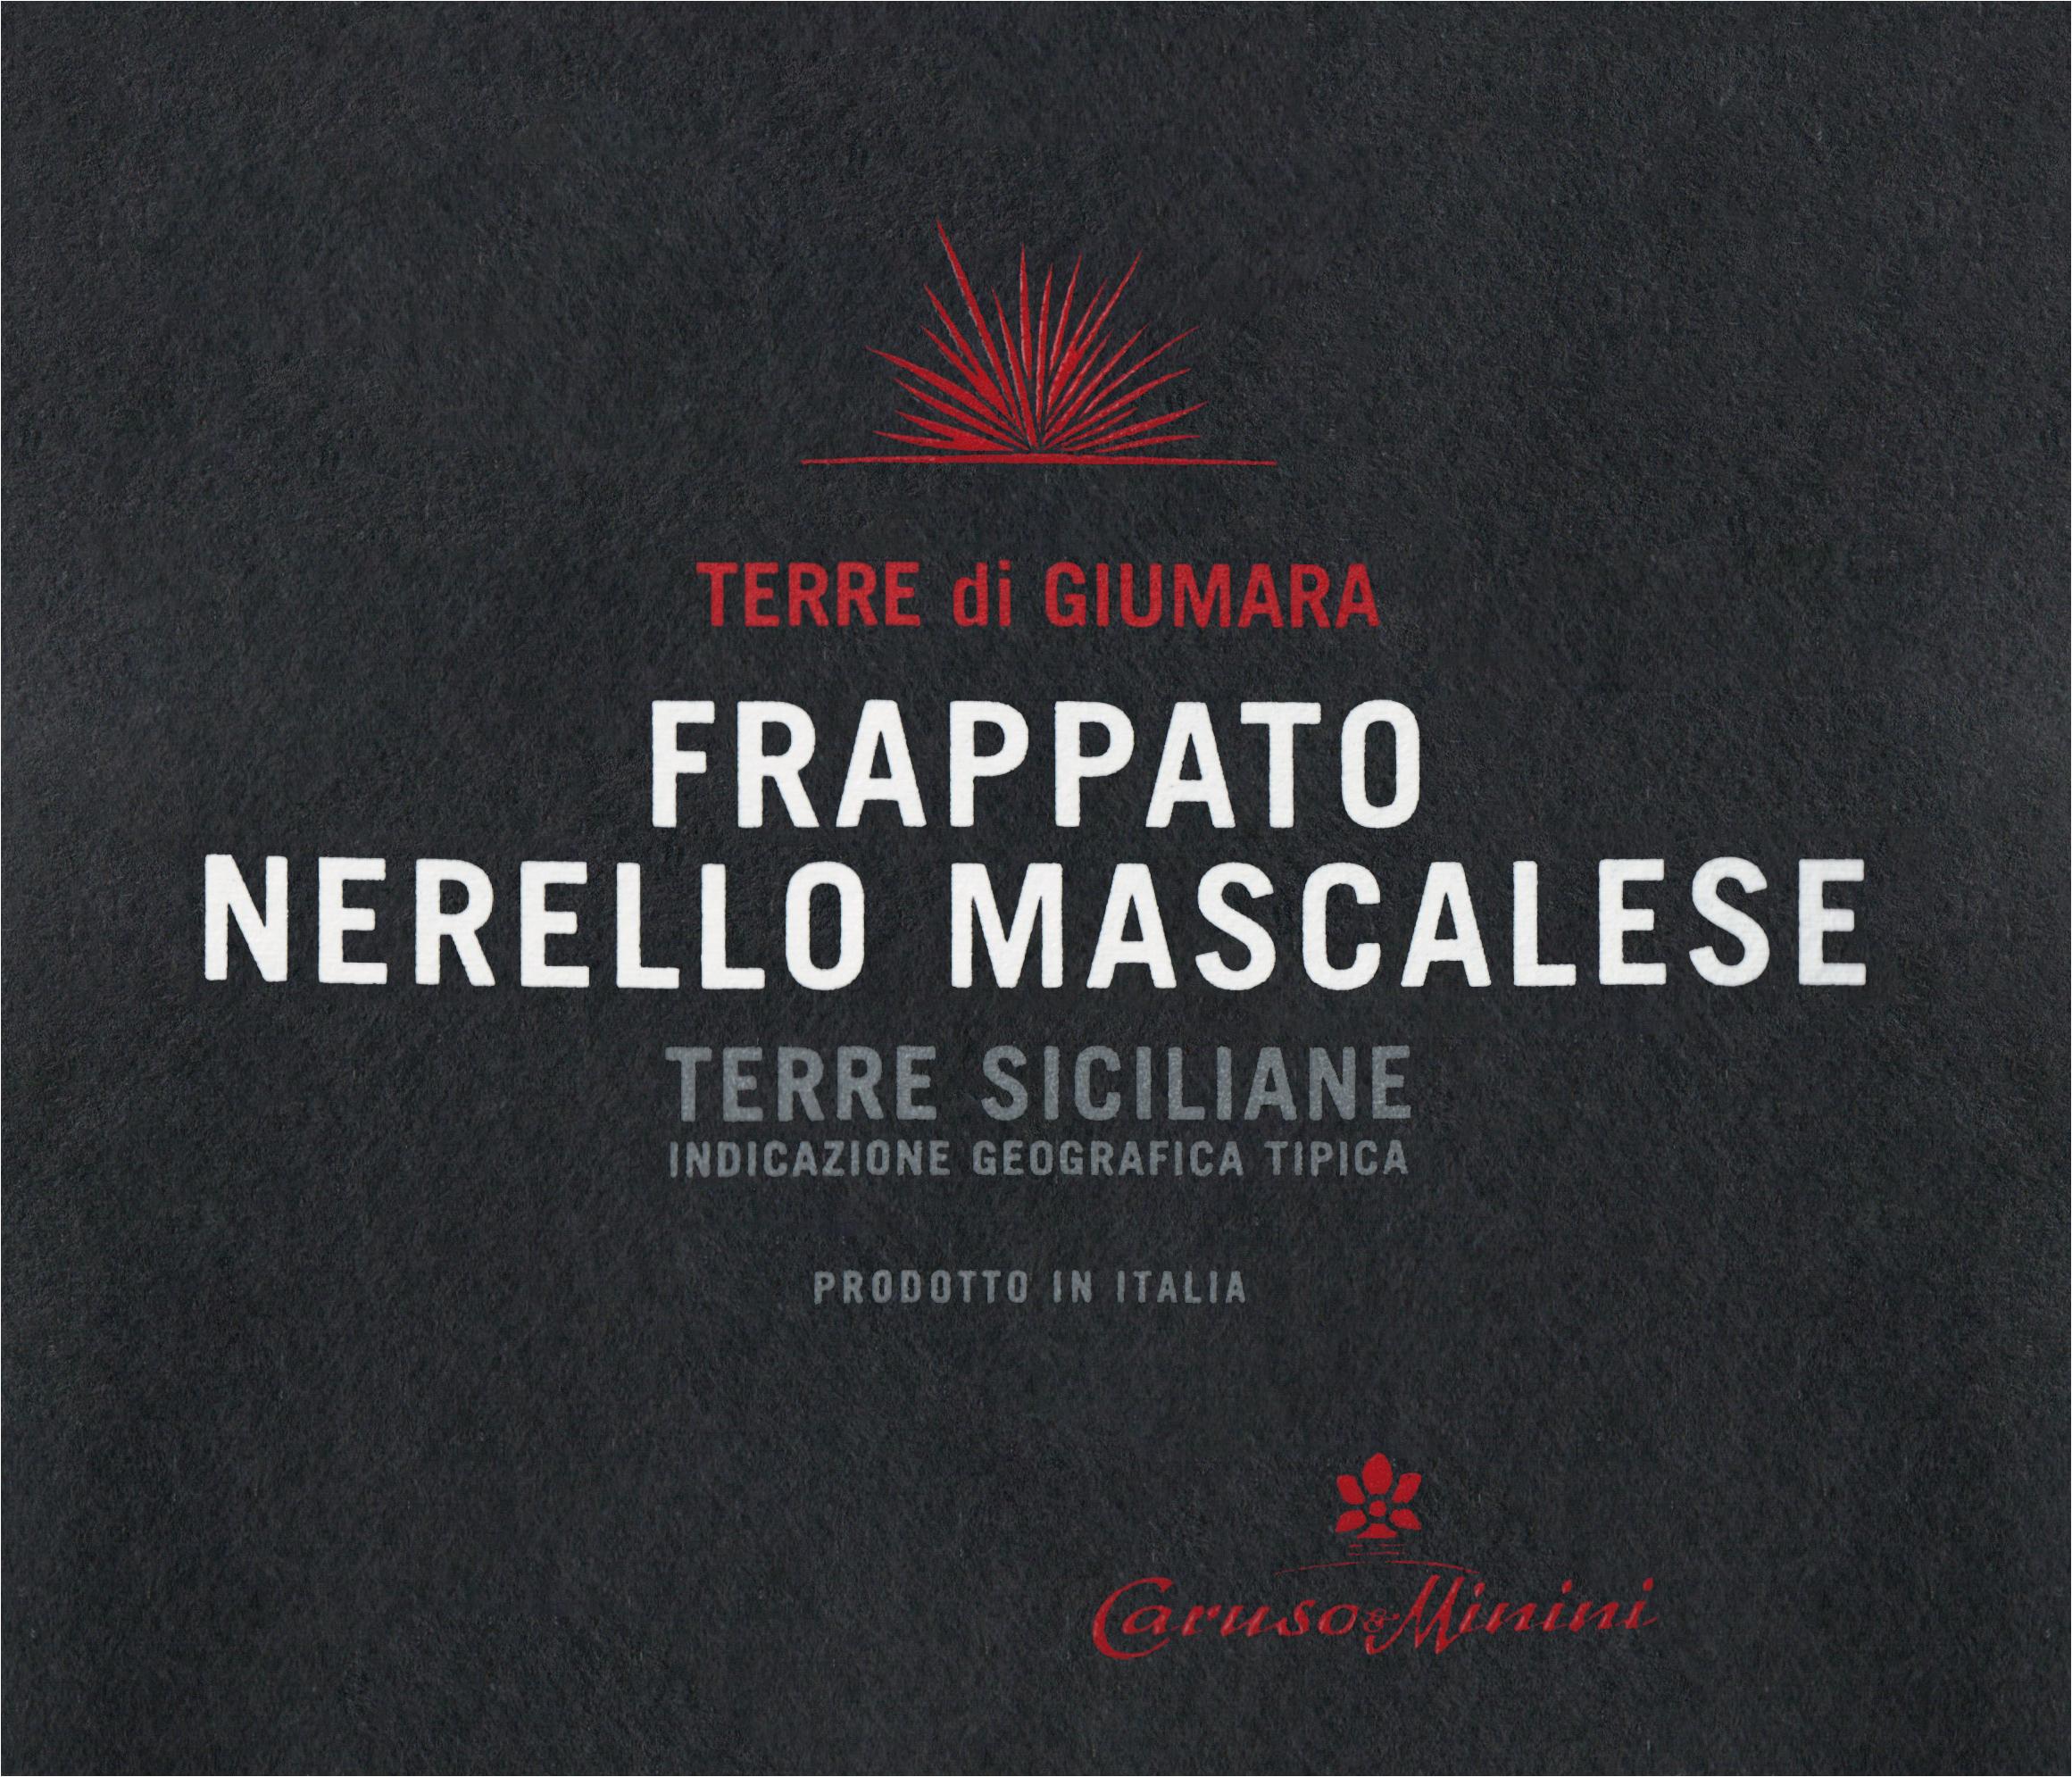 Caruso & Minini Frappato/Nerello Mascalese 2018